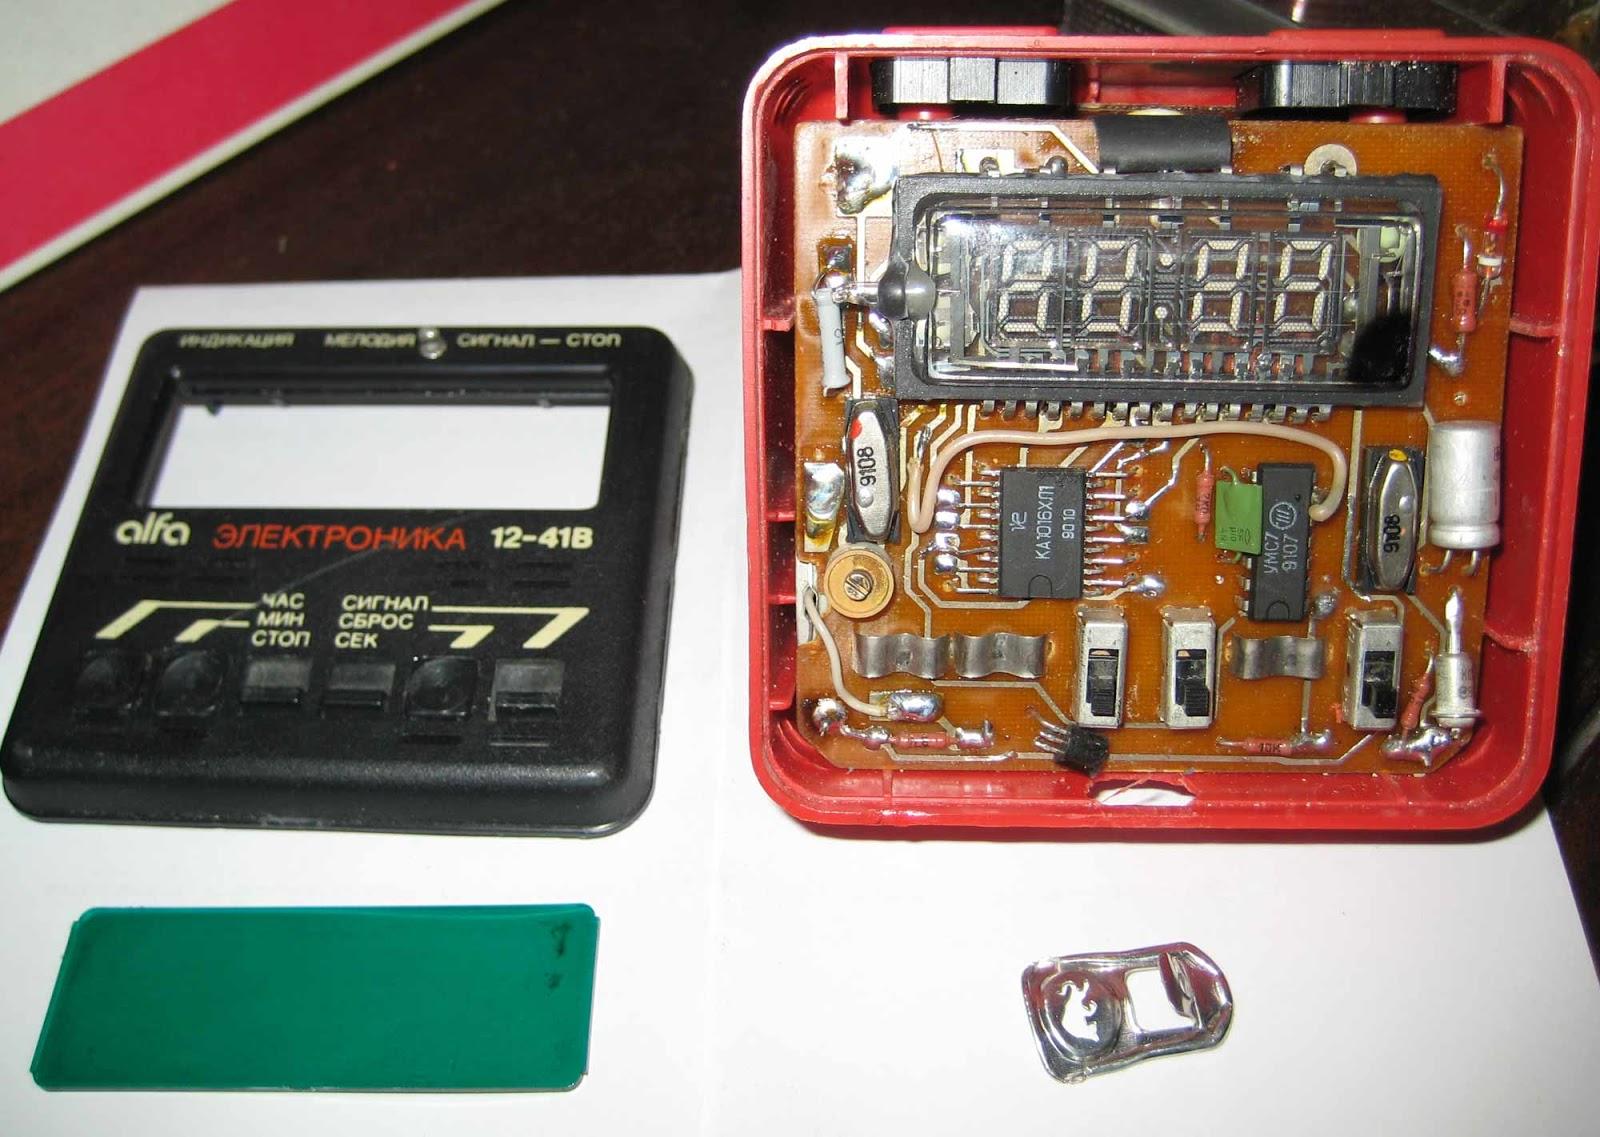 Схема электроники 12 41а 201